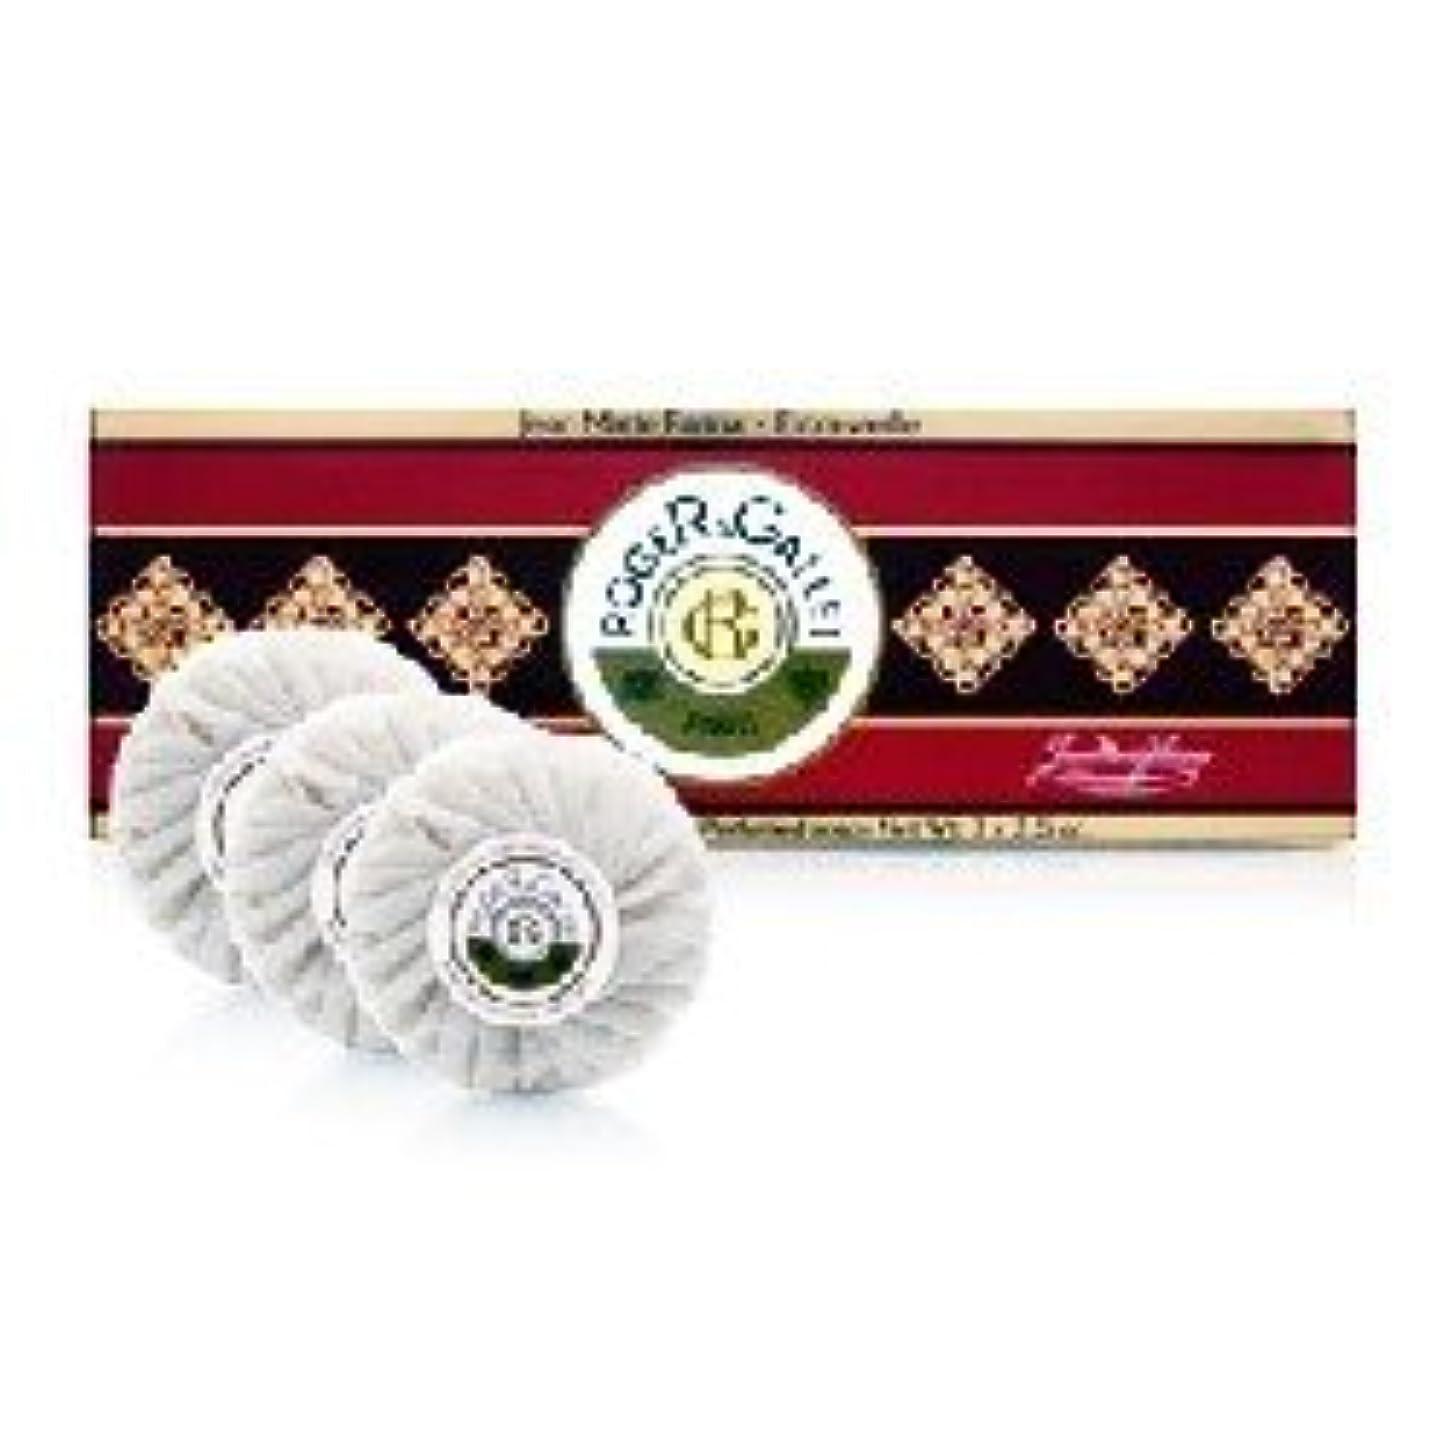 薬を飲むスリッパ家主ロジェガレ ジャンマリーファリナ 香水石鹸3個セット ROGER&GALLET JEAN MARIE FARINA SOAP